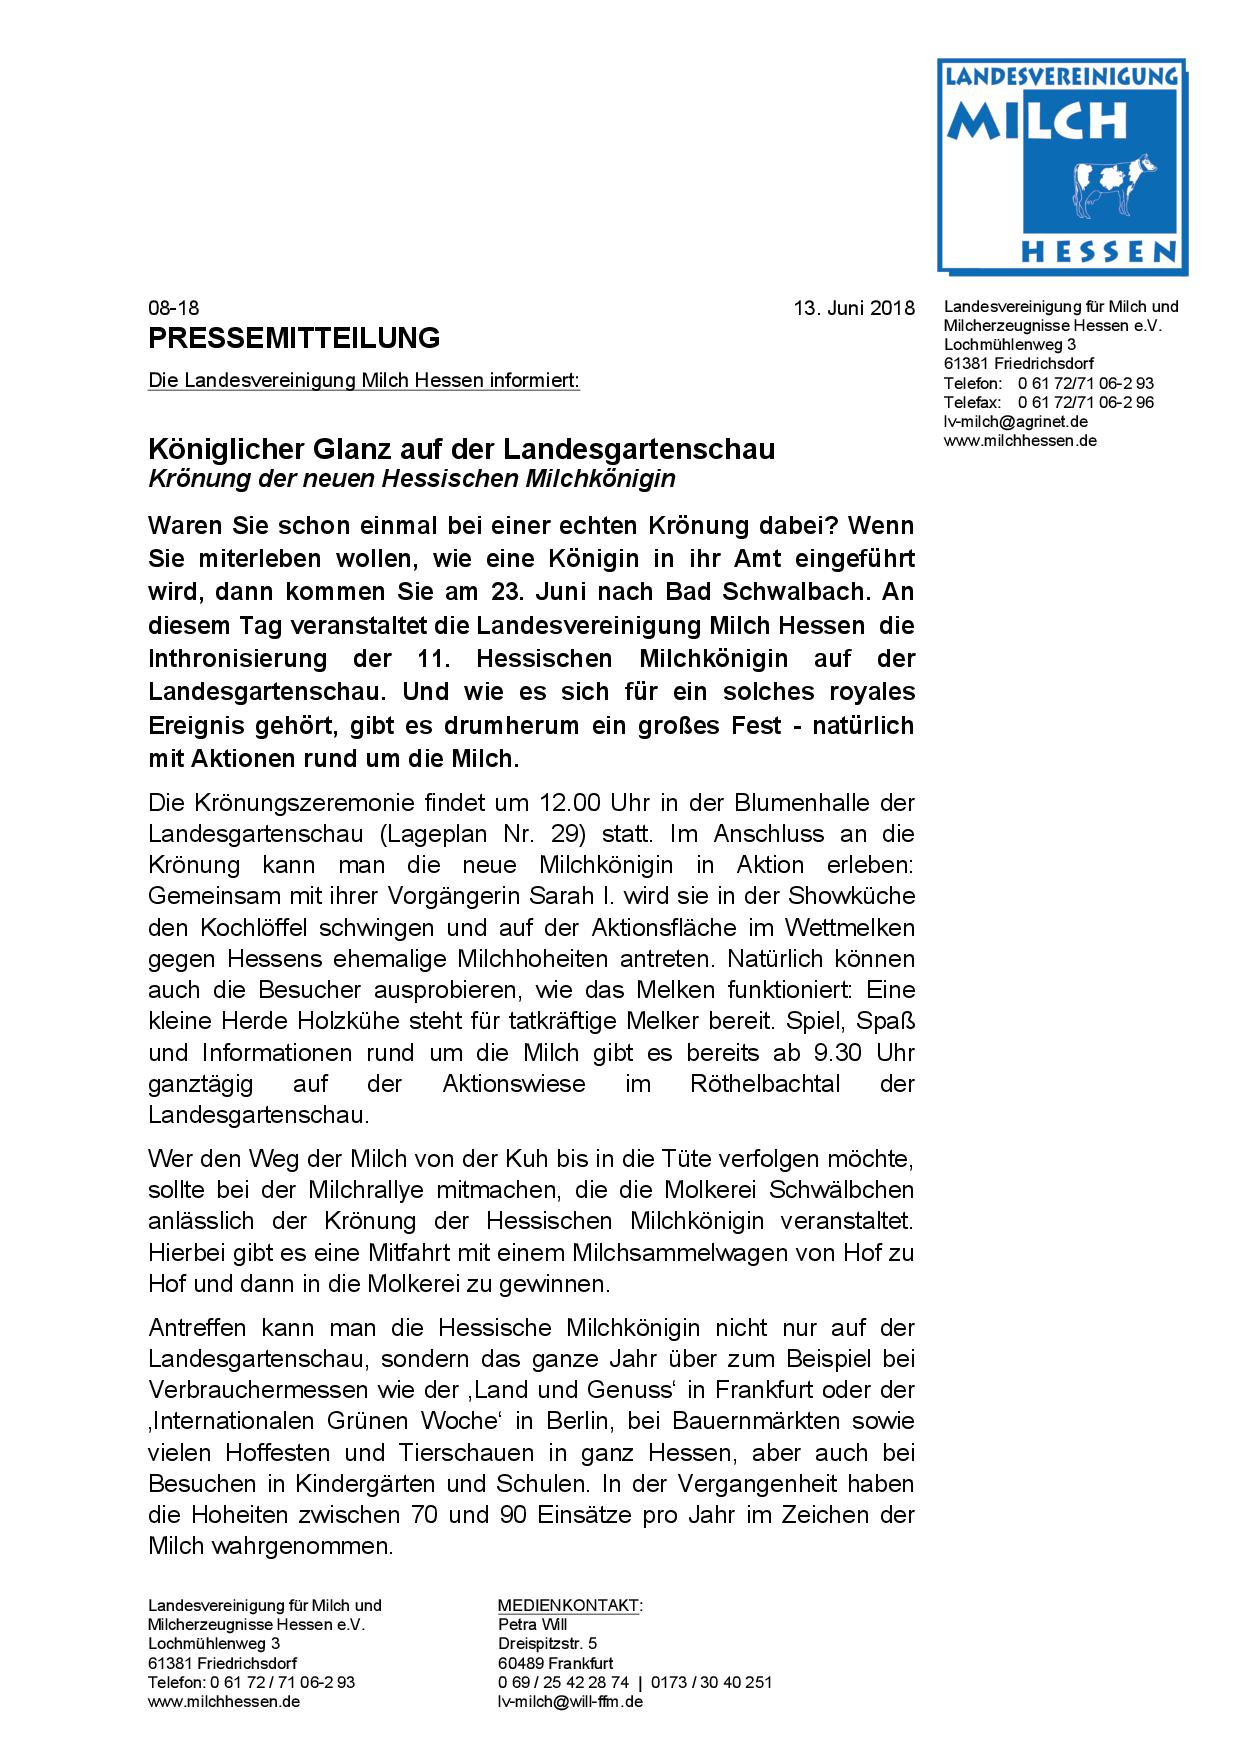 Krönung der neuen Hessischen Milchkönigin am 23. Juni auf der Landesgartenschau in Bad Schwalbach